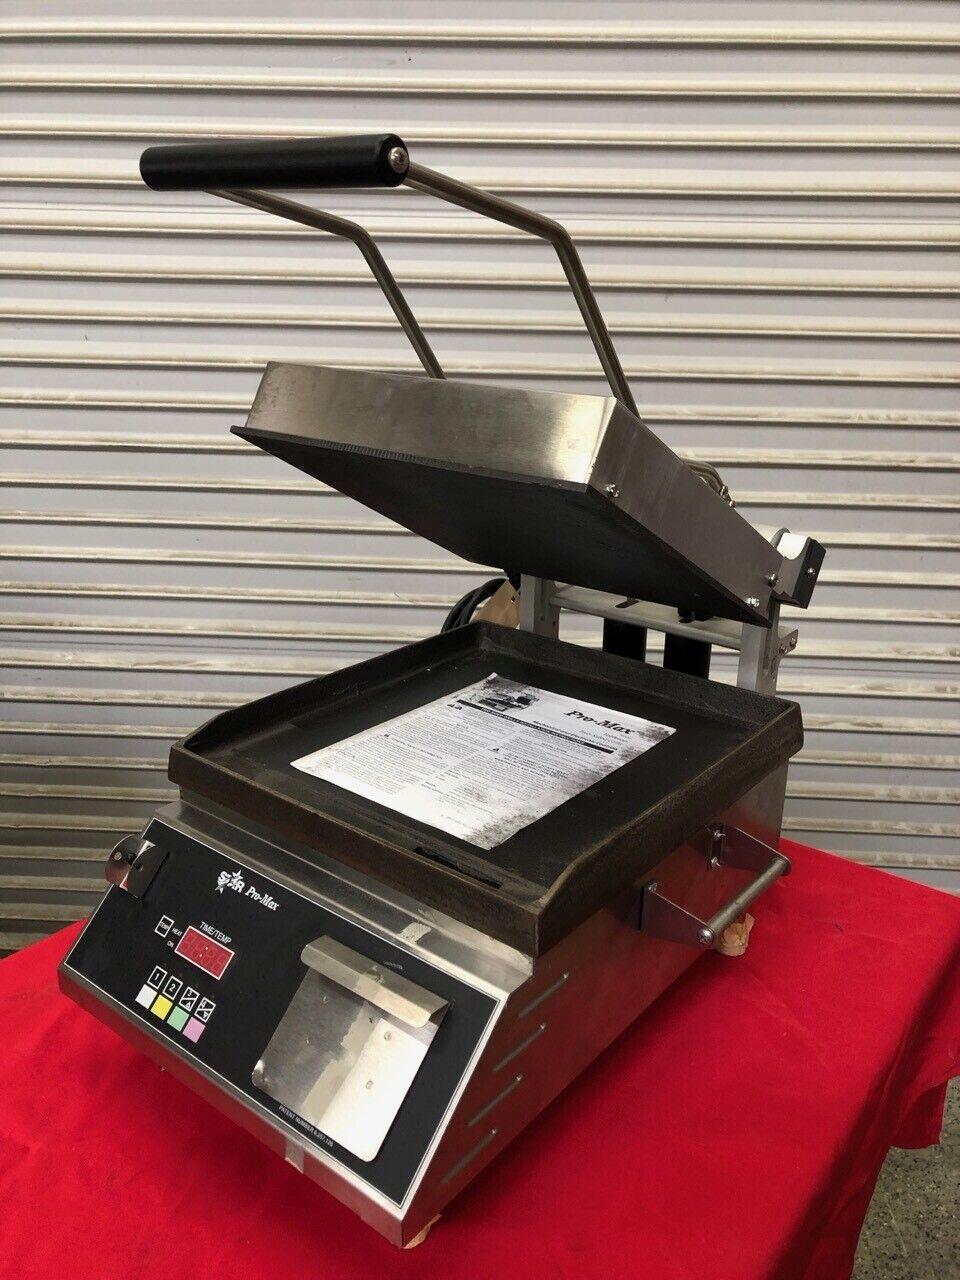 NEW Flat Panini Sandwich Press Tortilla Grill 120V NSF Star